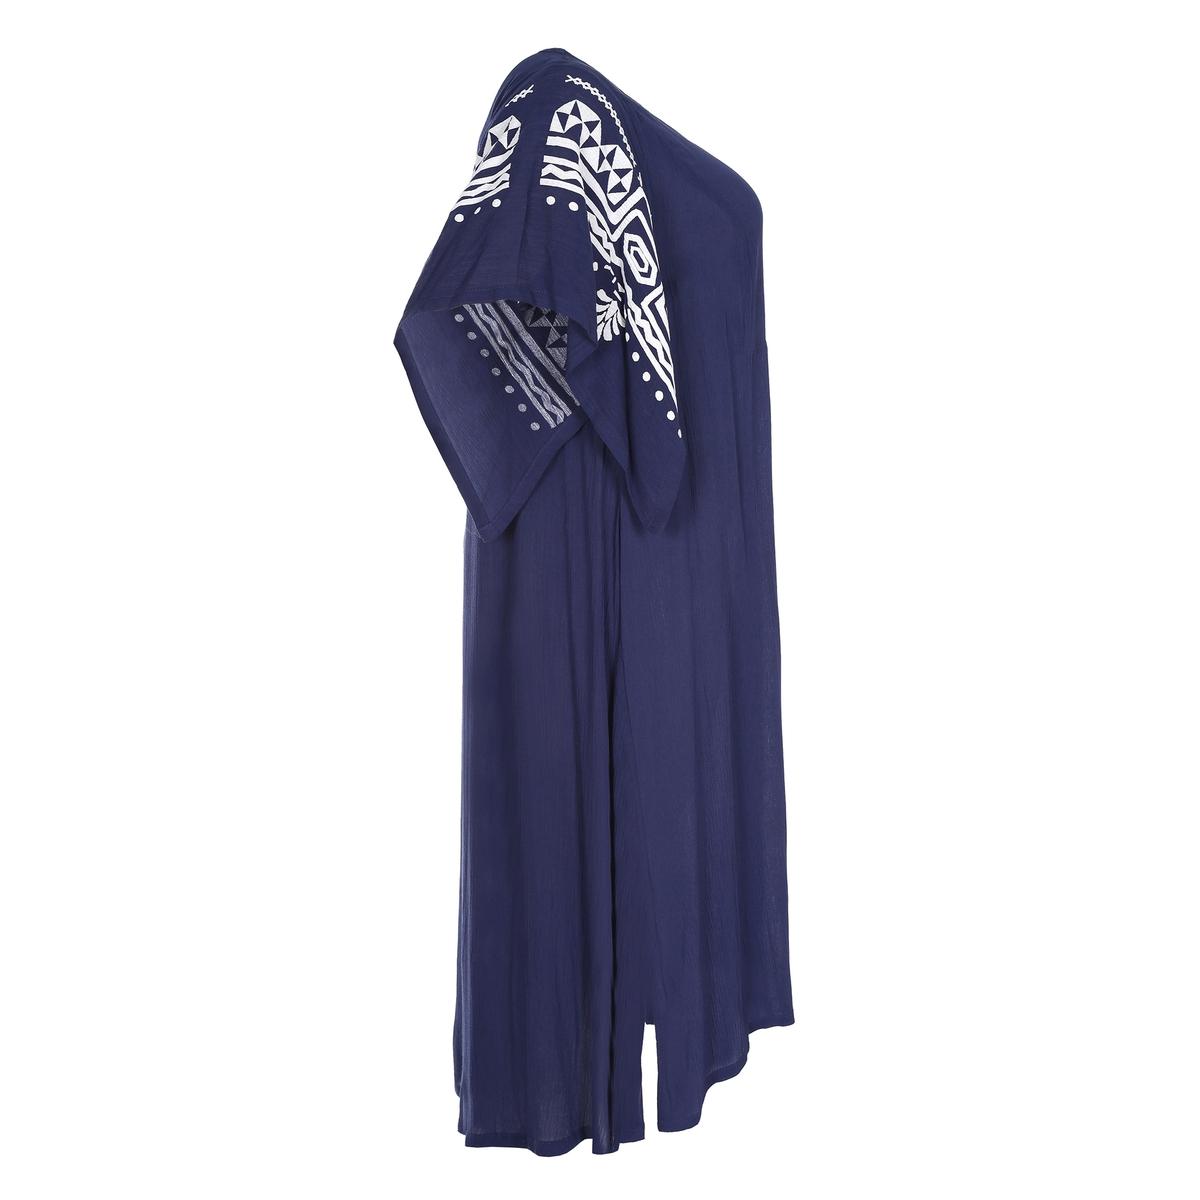 ПлатьеПлатье с короткими рукавами MAT FASHION. 100% вискоза. Объемный покрой с рисунком в племенном стиле контрастных цветов на рукавах. Короткие рукава. V-образный вырез.<br><br>Цвет: синий<br>Размер: 50/54